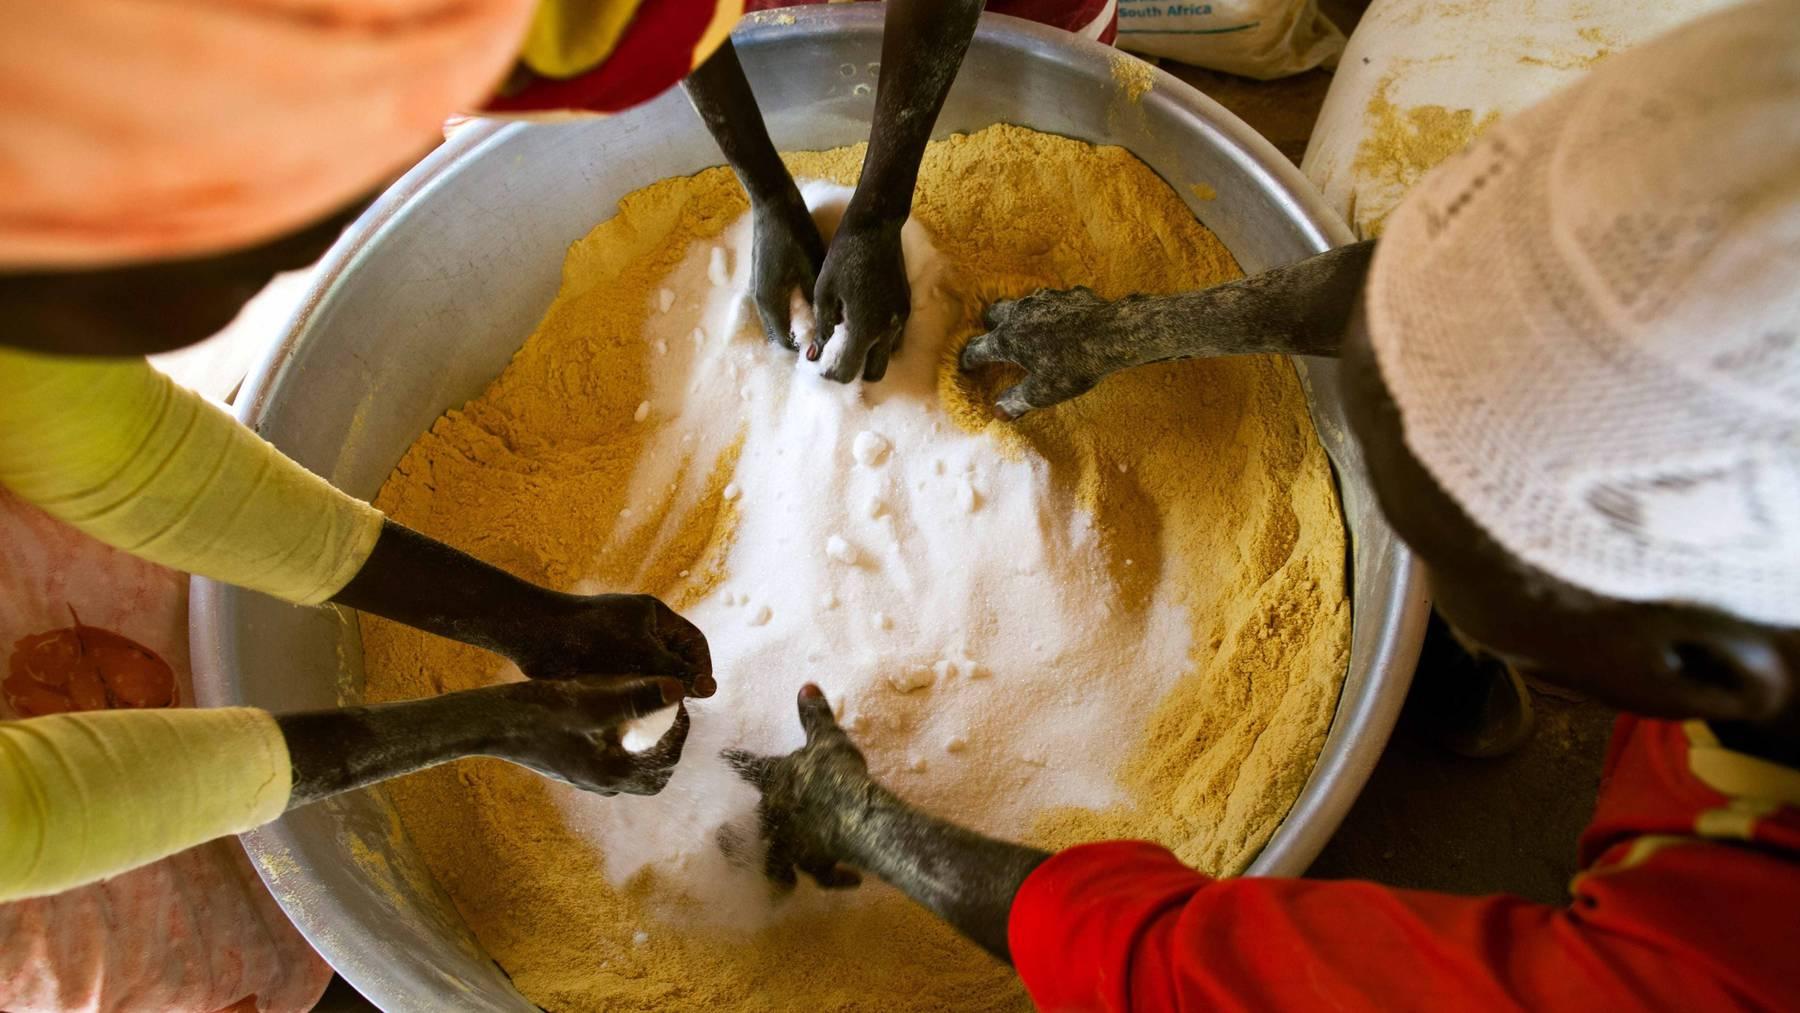 Freiwillige bereiten Essen für unterernährte Kinder in Sudan vor. Laut Caritas  wird die Zahl der Hungerleidenden künftig steigen. (Symbolbild)